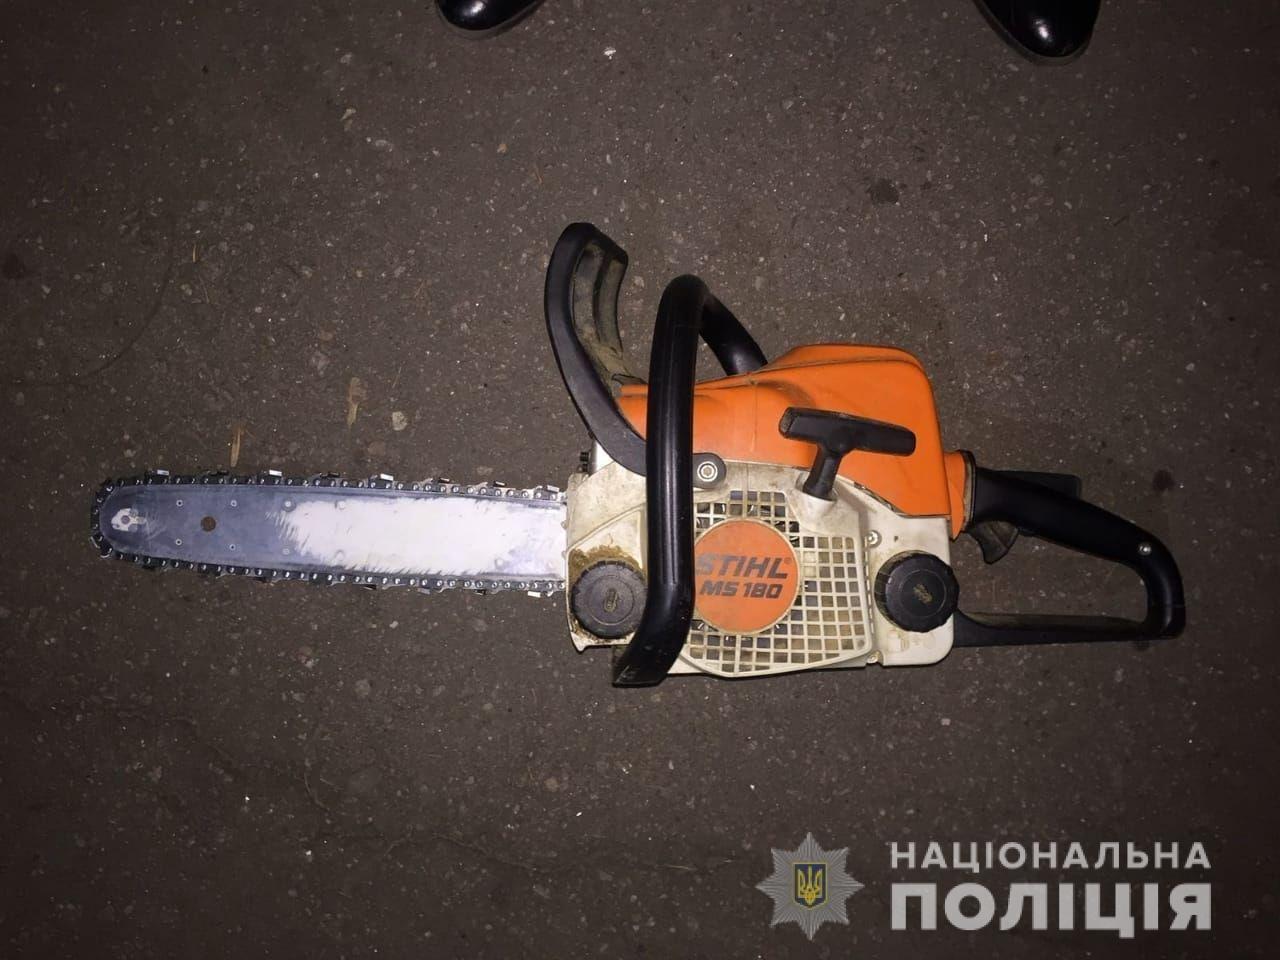 В Днепропетровской области мужчина, незаконно вырубывая лес, нанес государству урон в размере более 130 тысяч гривен, - ФОТО, фото-2